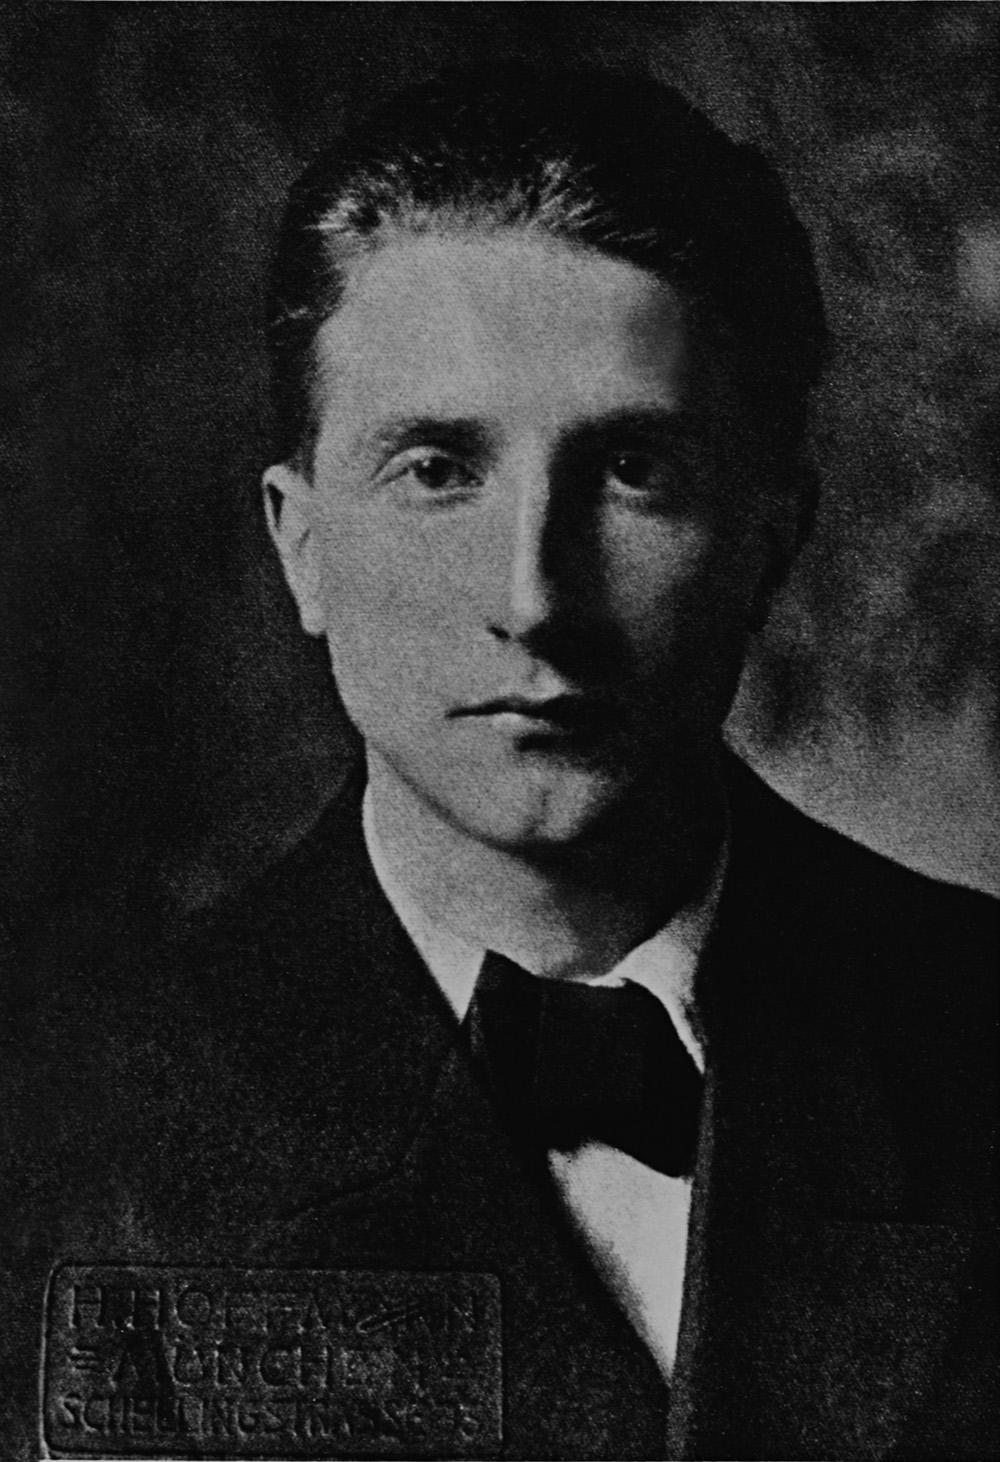 Classify French Dadaist Marcel Duchamp